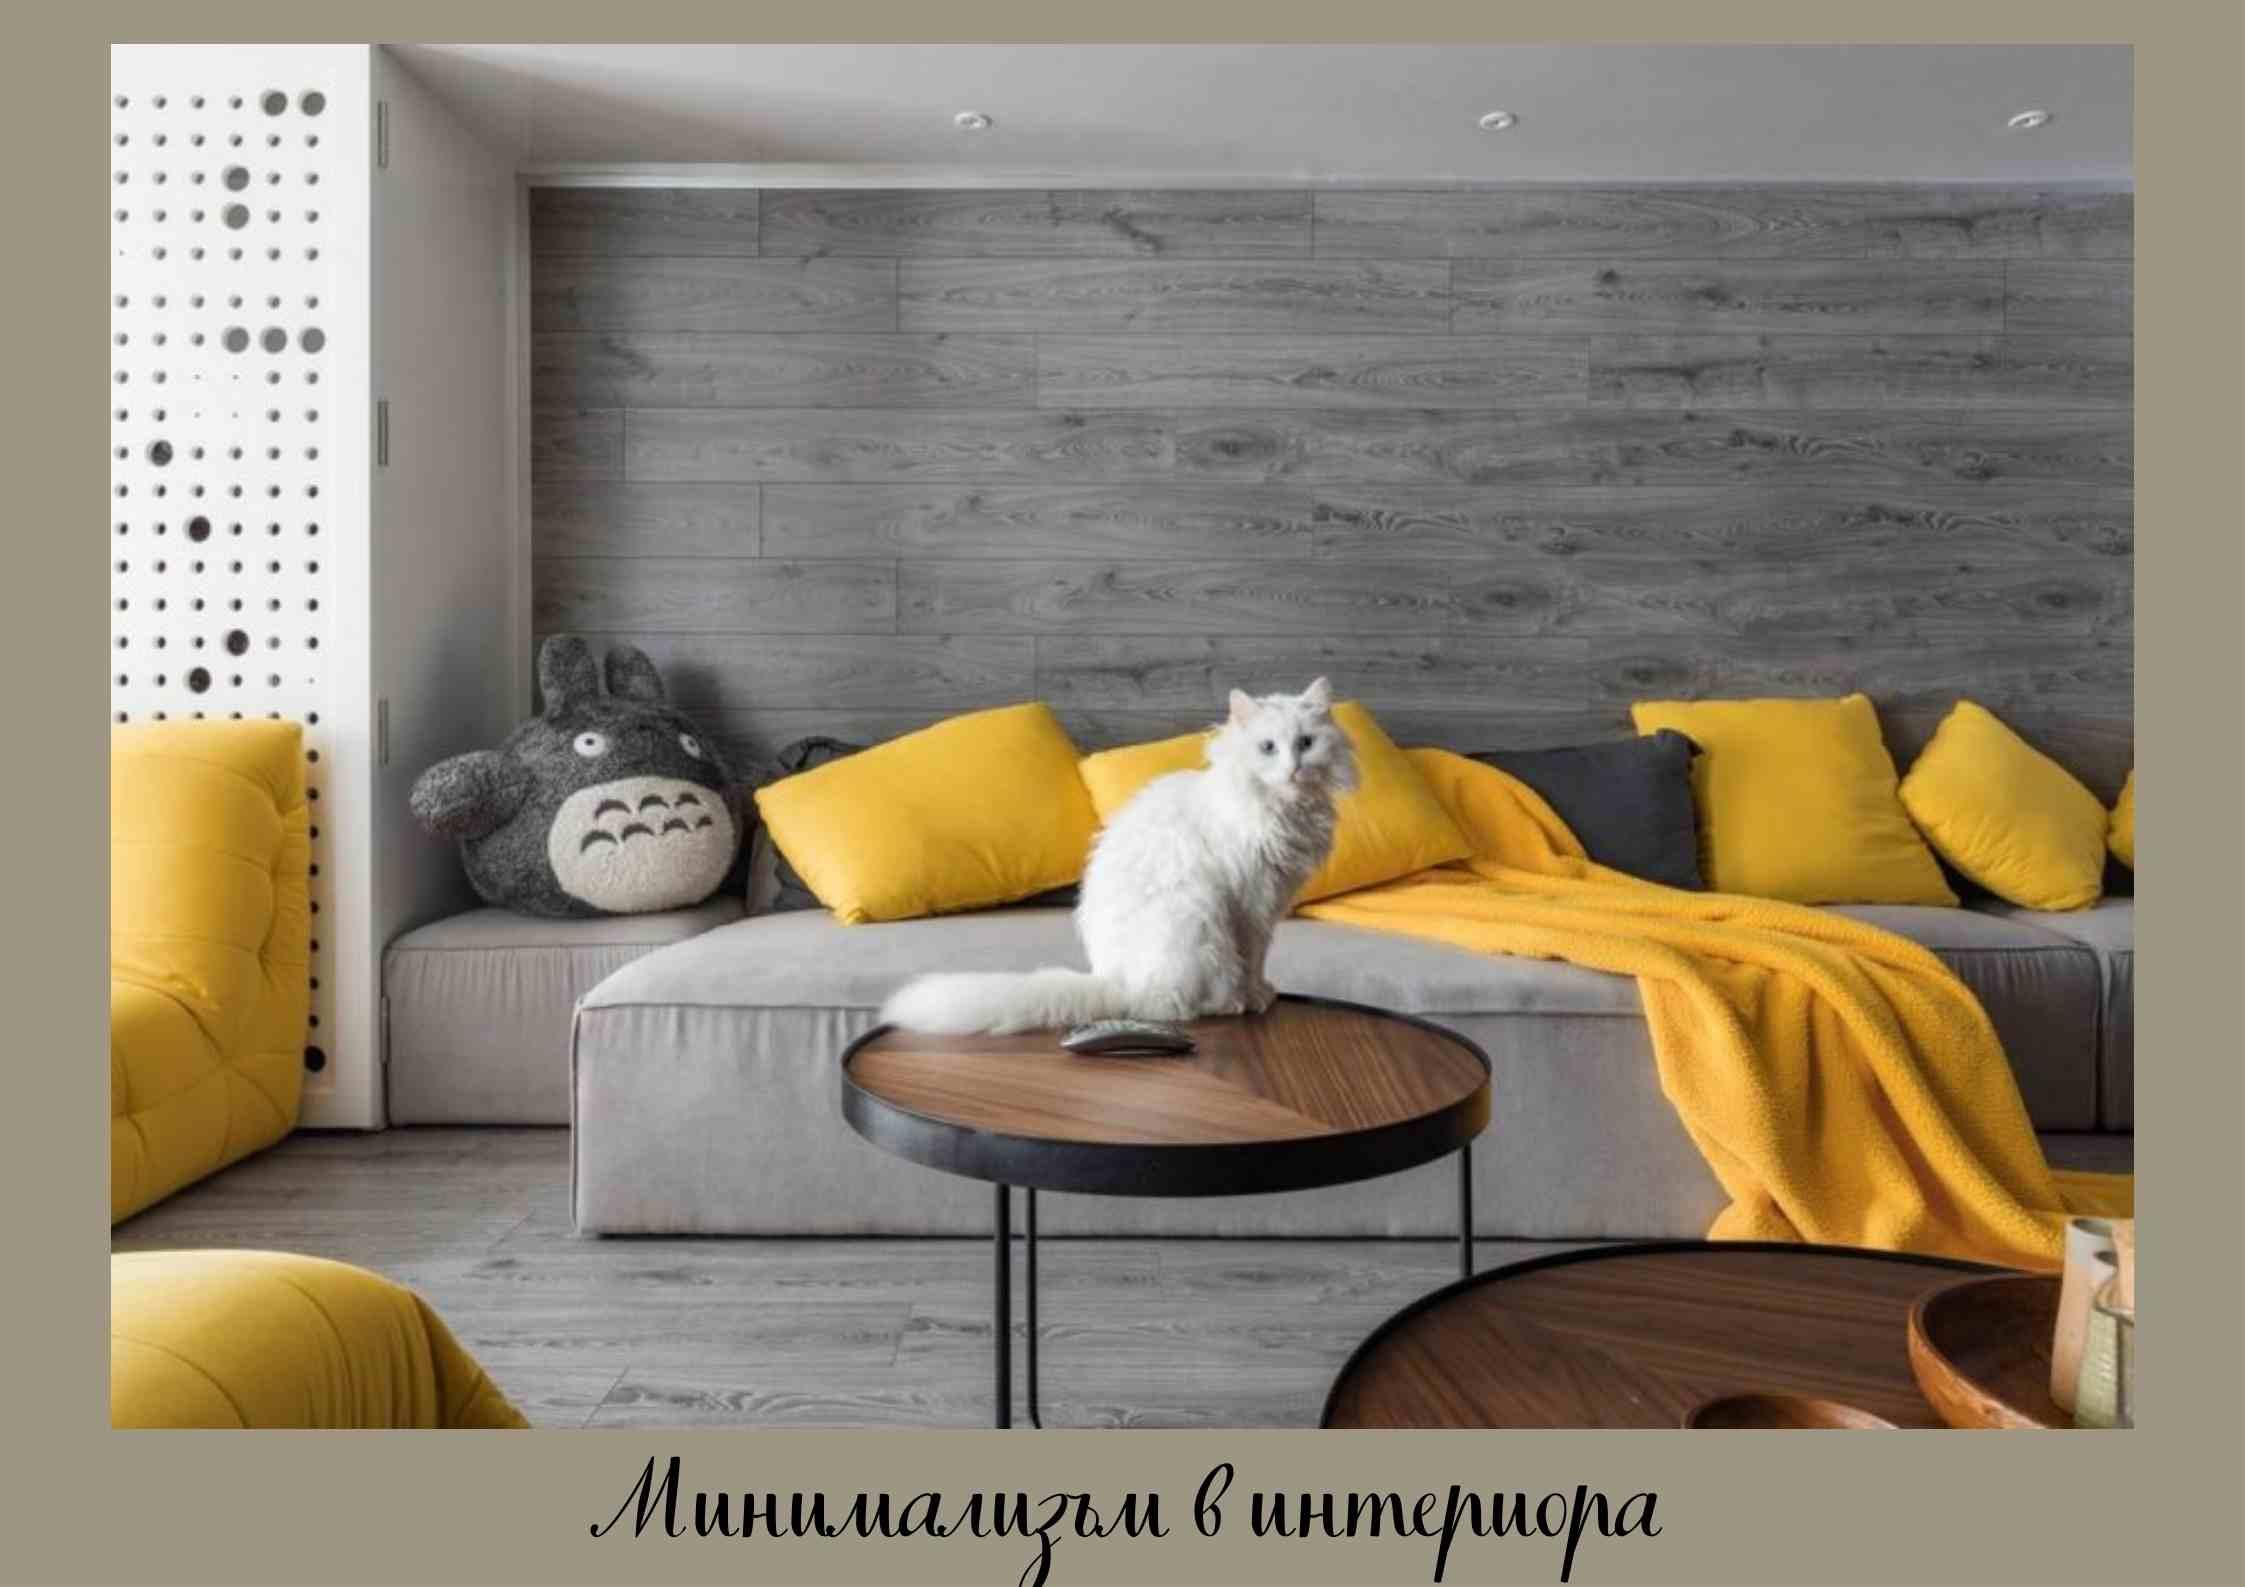 minimalism-style-life (3)